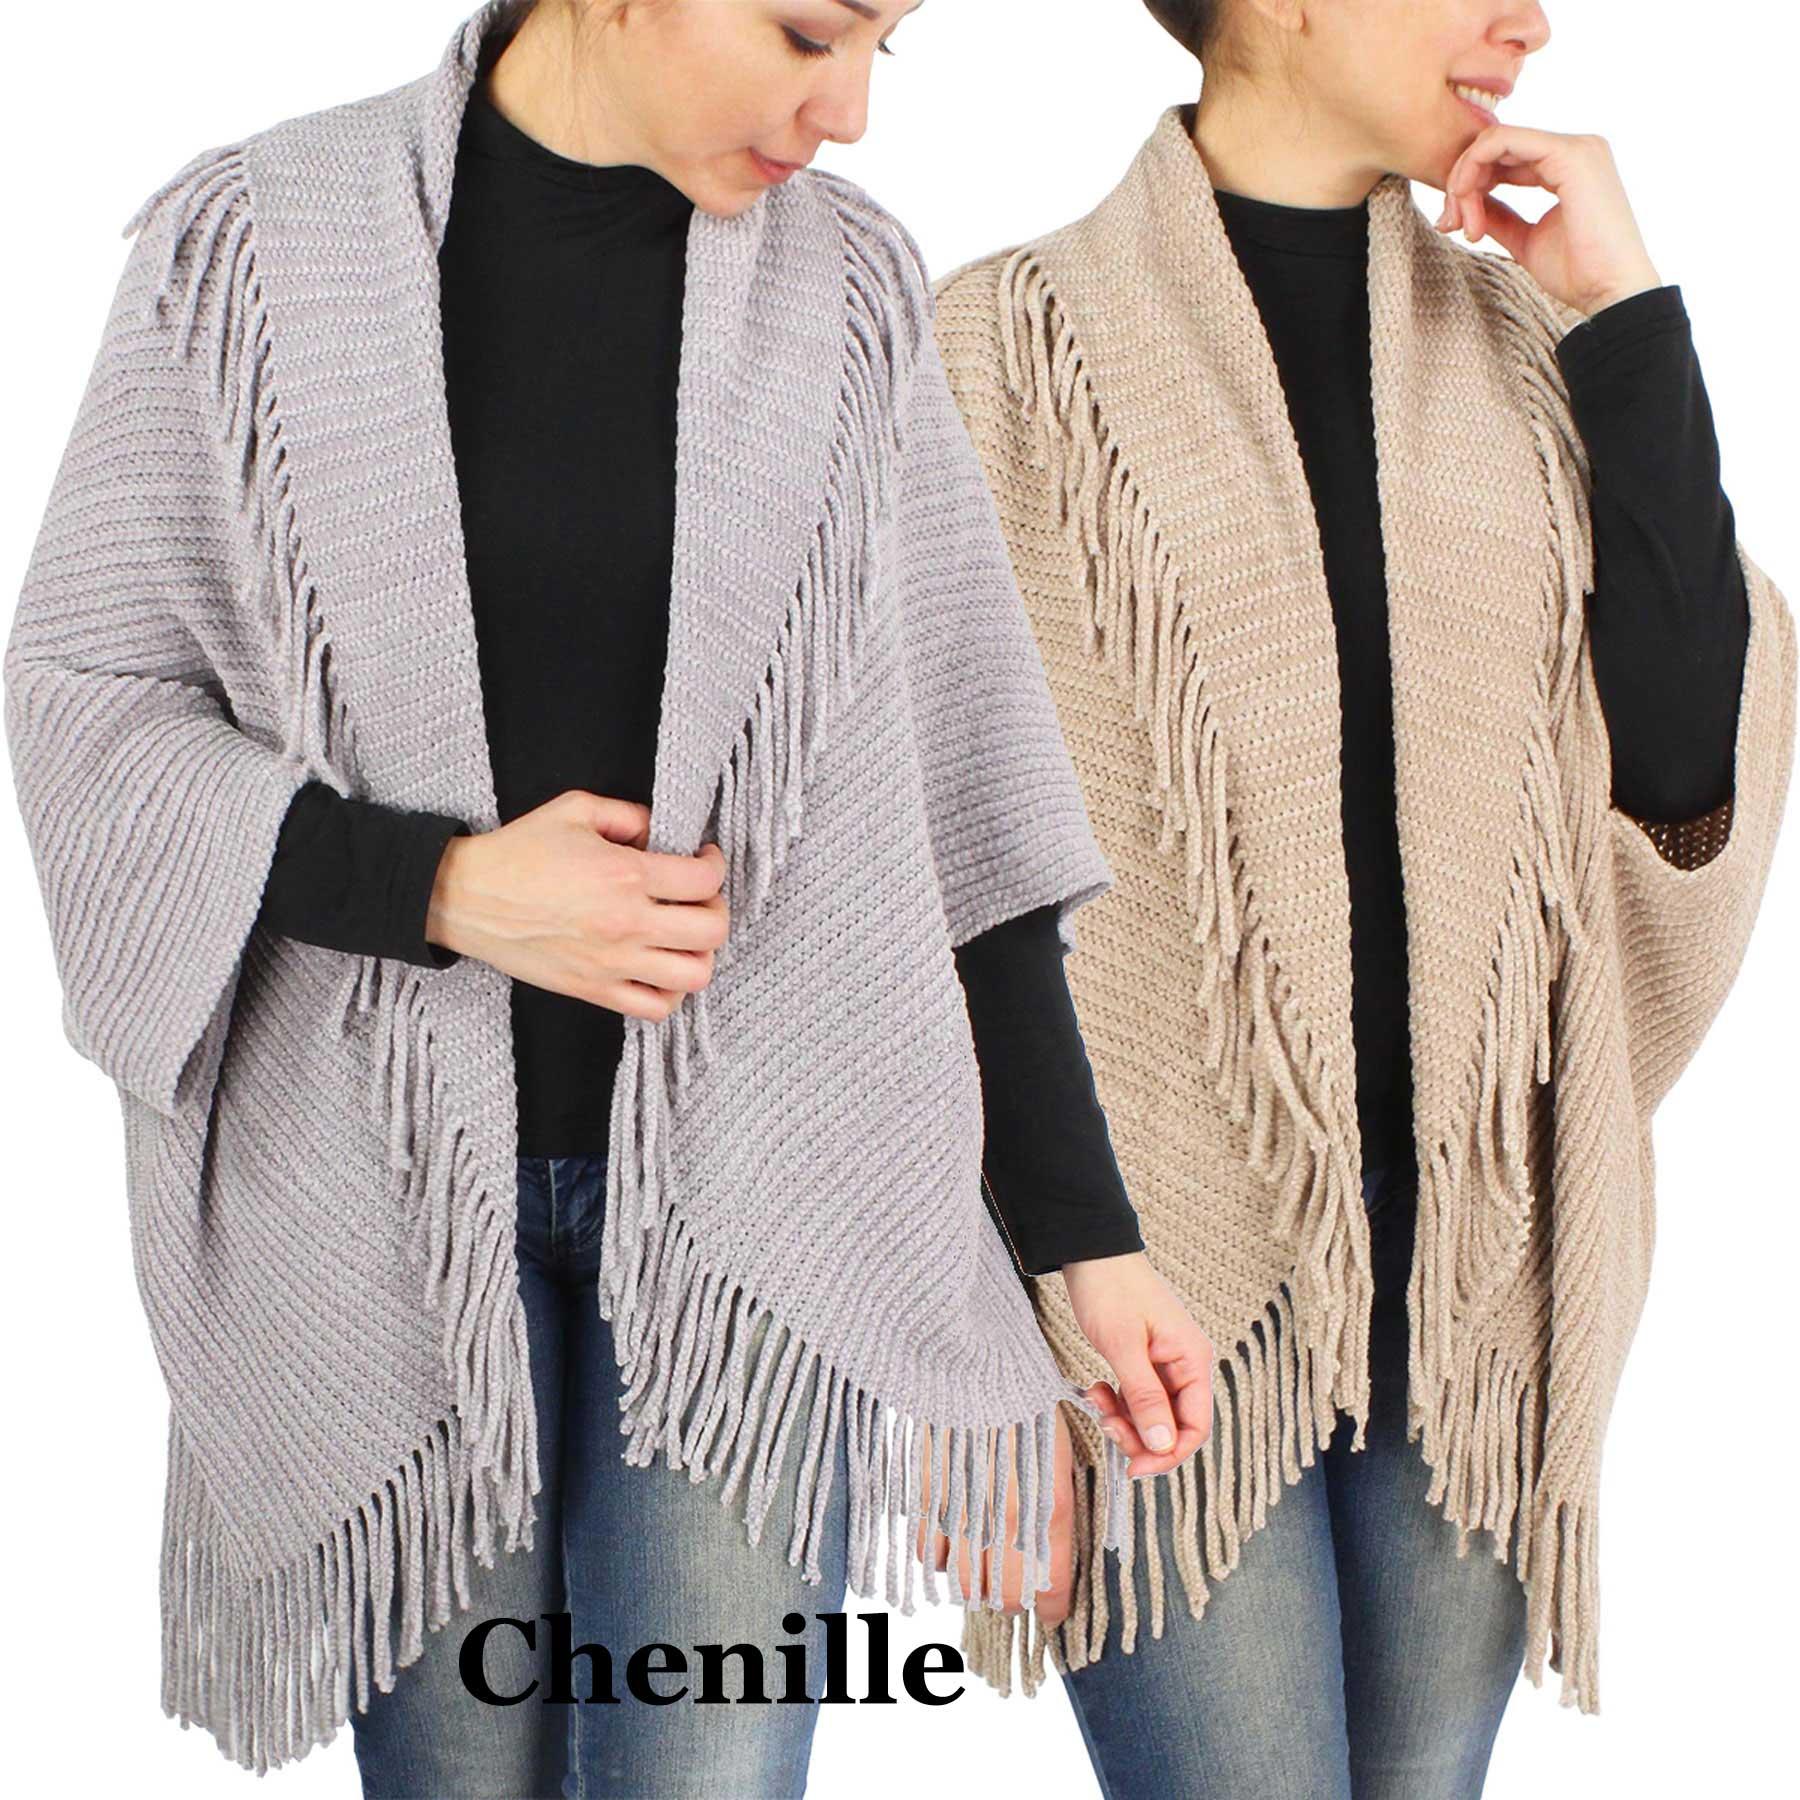 Shrugs - Chenille w/ Tassels 9513